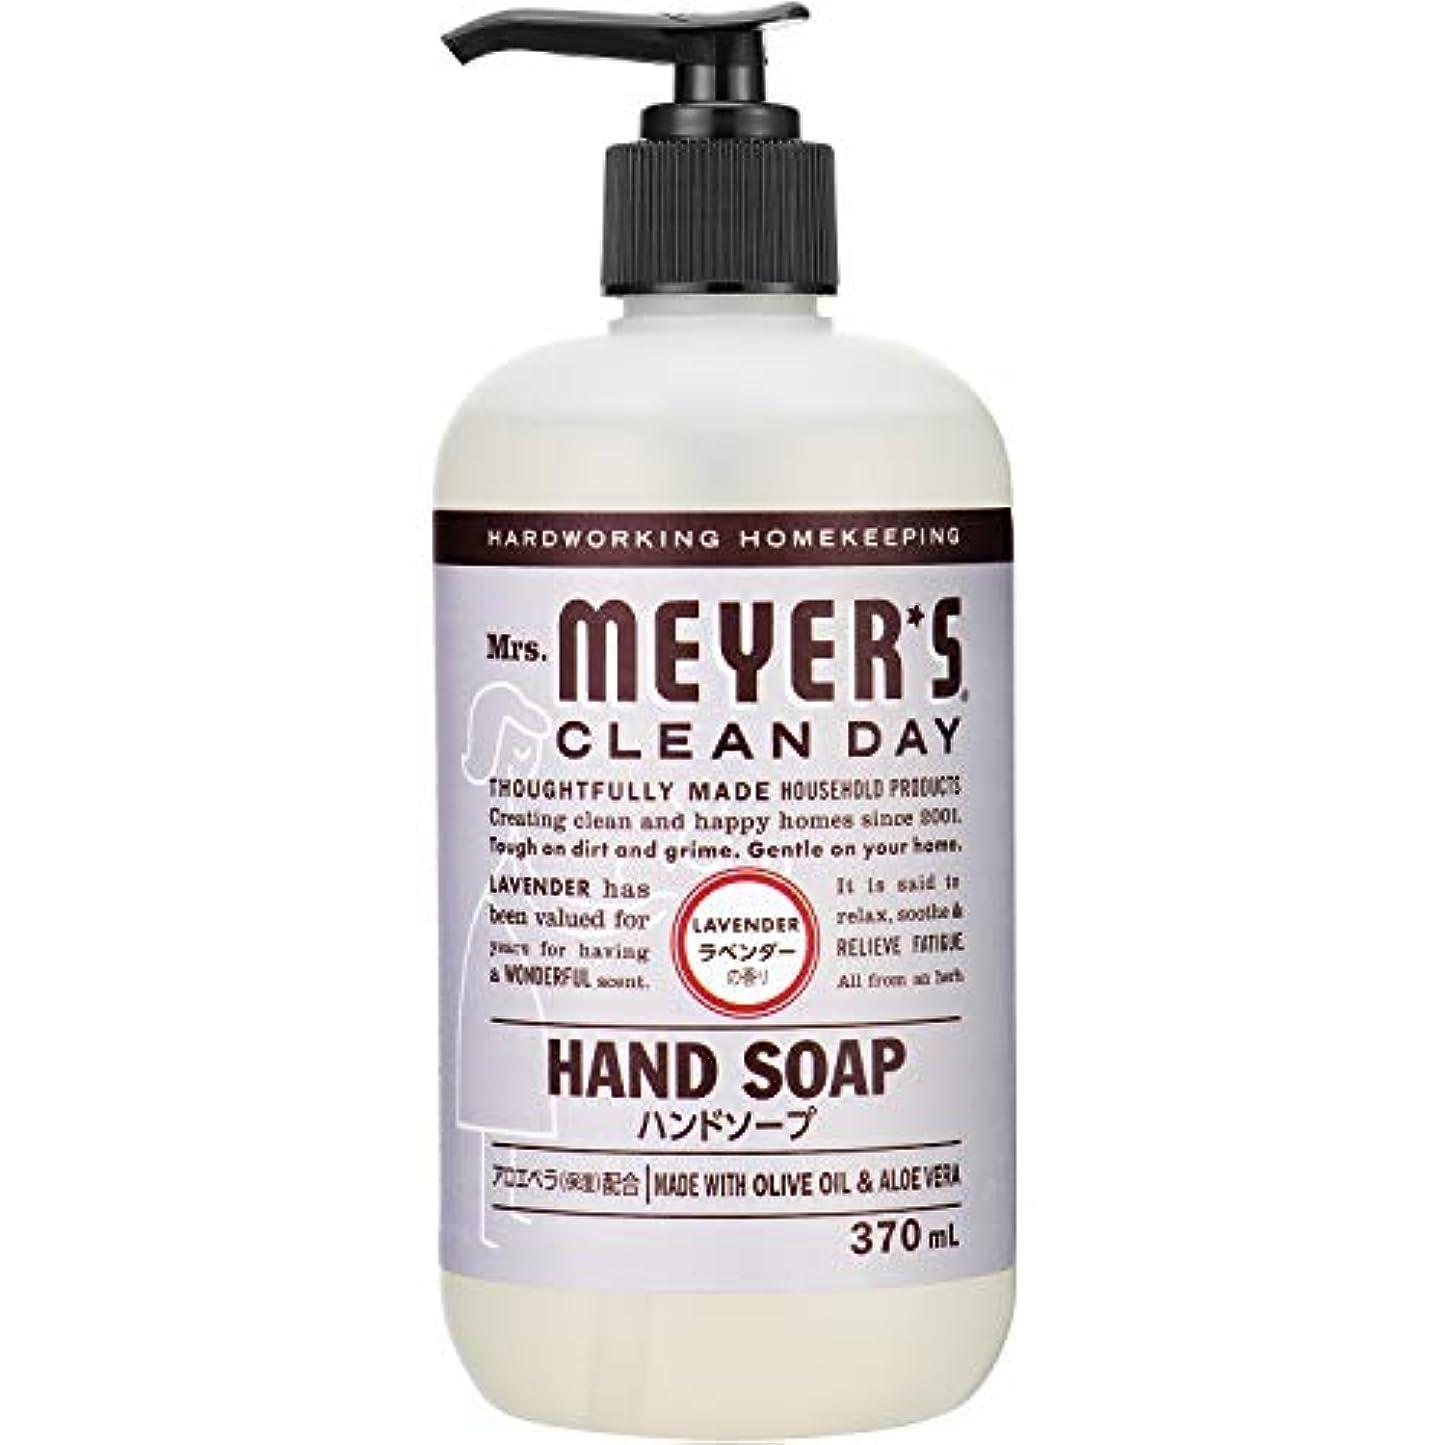 楽しむマガジン火星Mrs. MEYER'S CLEAN DAY(ミセスマイヤーズ クリーンデイ) ミセスマイヤーズ クリーンデイ(Mrs.Meyers Clean Day) ハンドソープ ラベンダーの香り 370ml